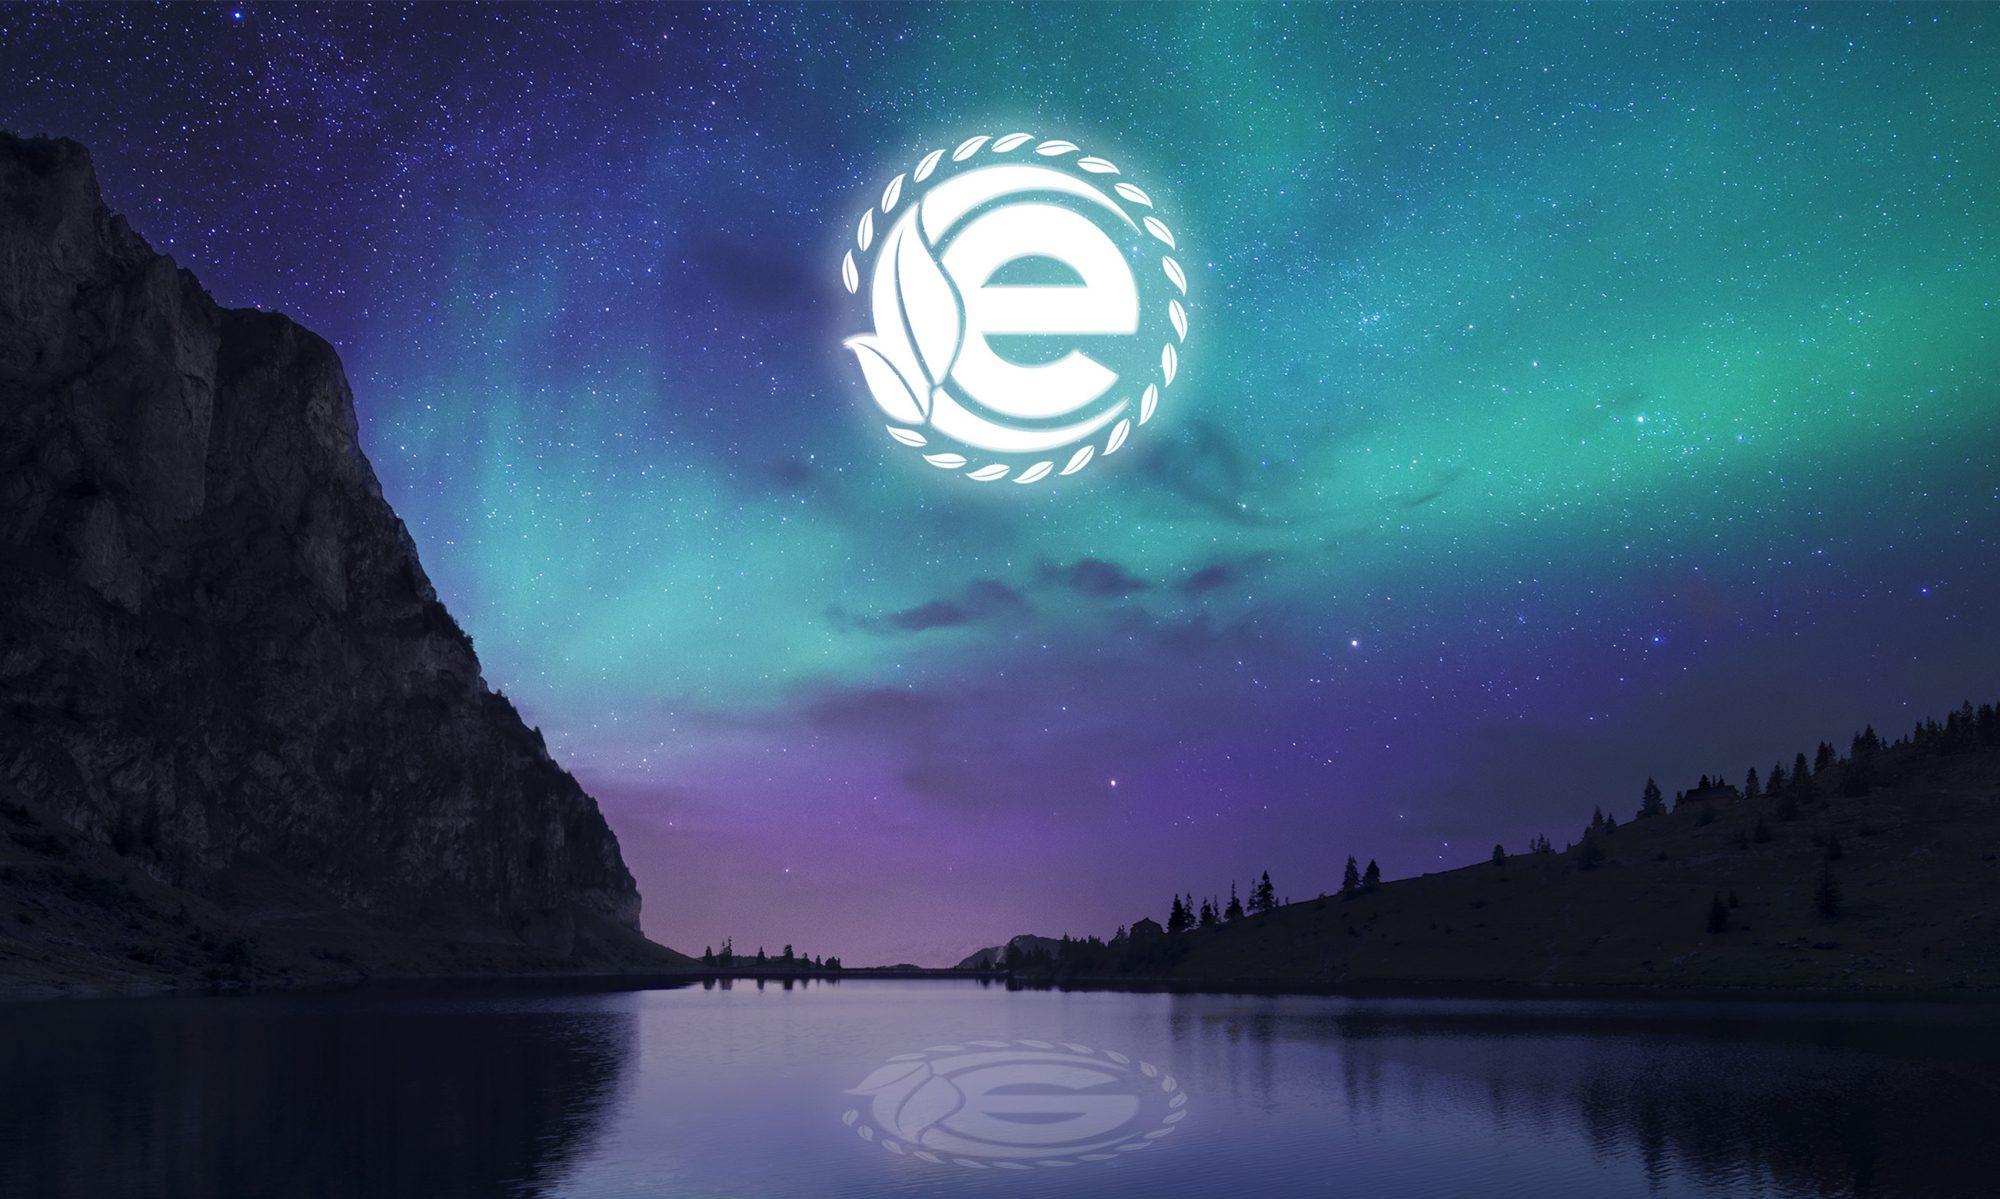 EarthCoin-Earthcoin World's Largest OTC Website-地球币全球场外交易基地 | 全球志願者(义工)發展網絡委員會&基金會